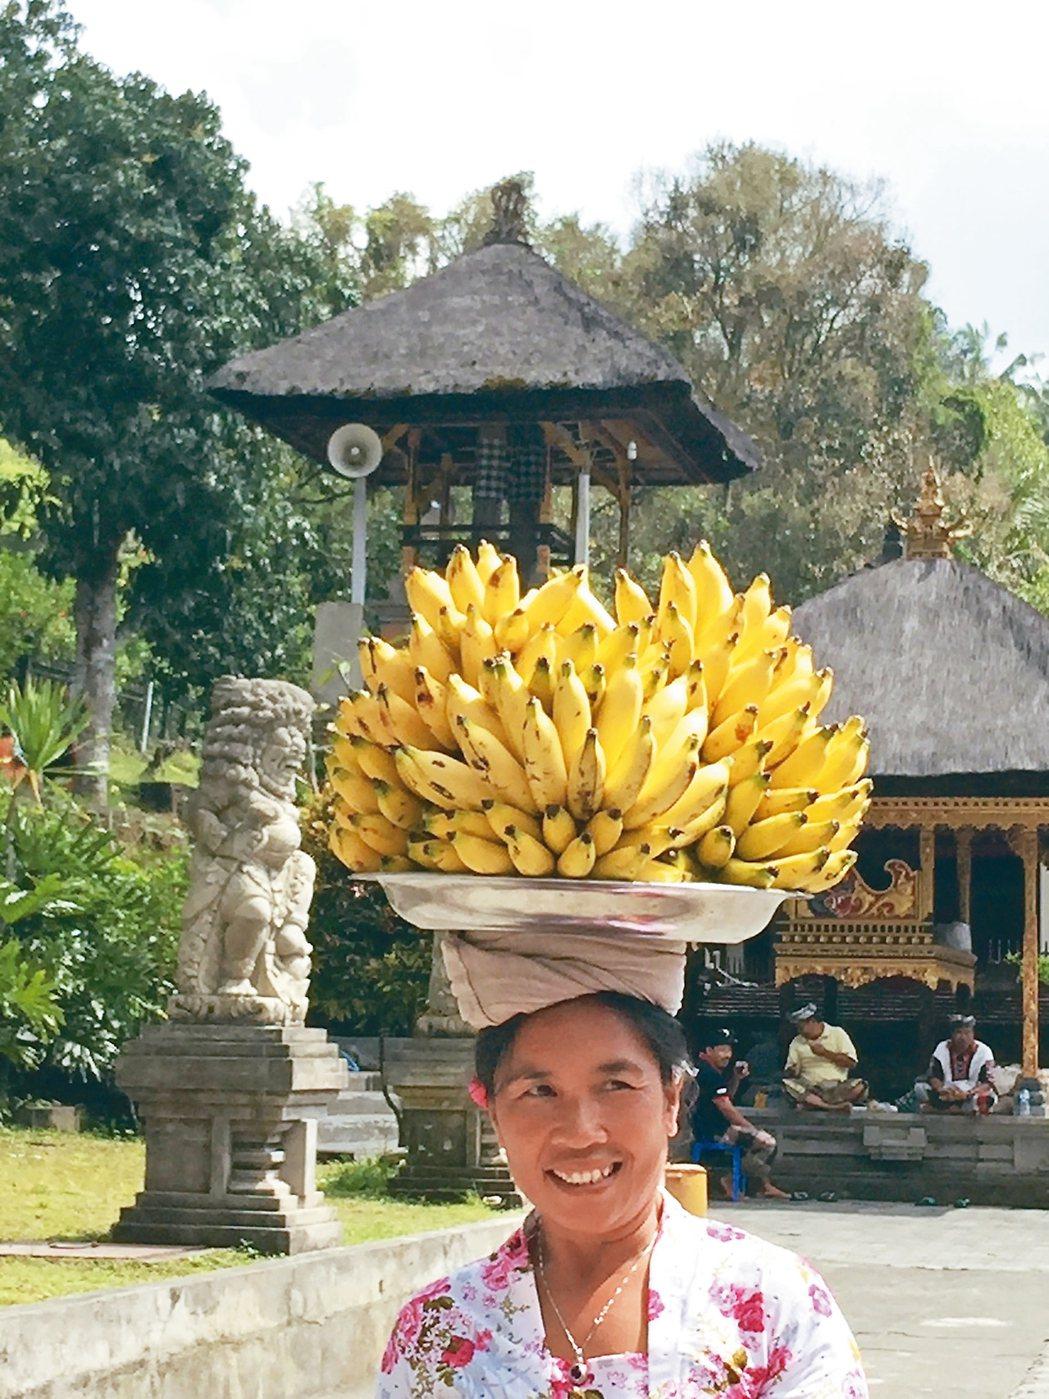 聖泉寺附近賣香蕉的婦女,頂上功夫了得。 記者錢欽青/攝影